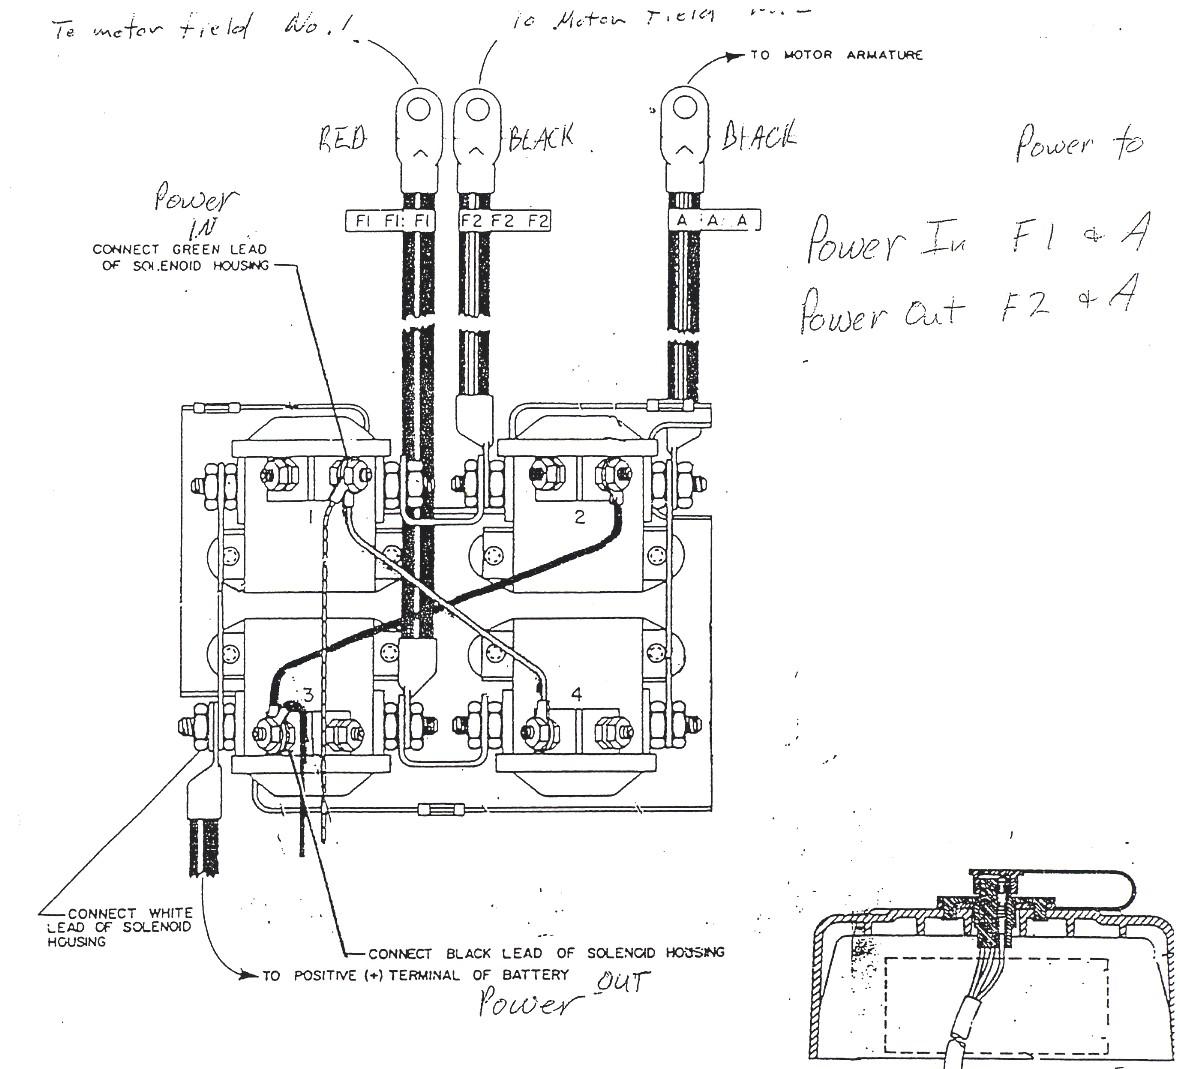 Quadboss Wiring Diagram,Wiring.Download Free Printable ... on